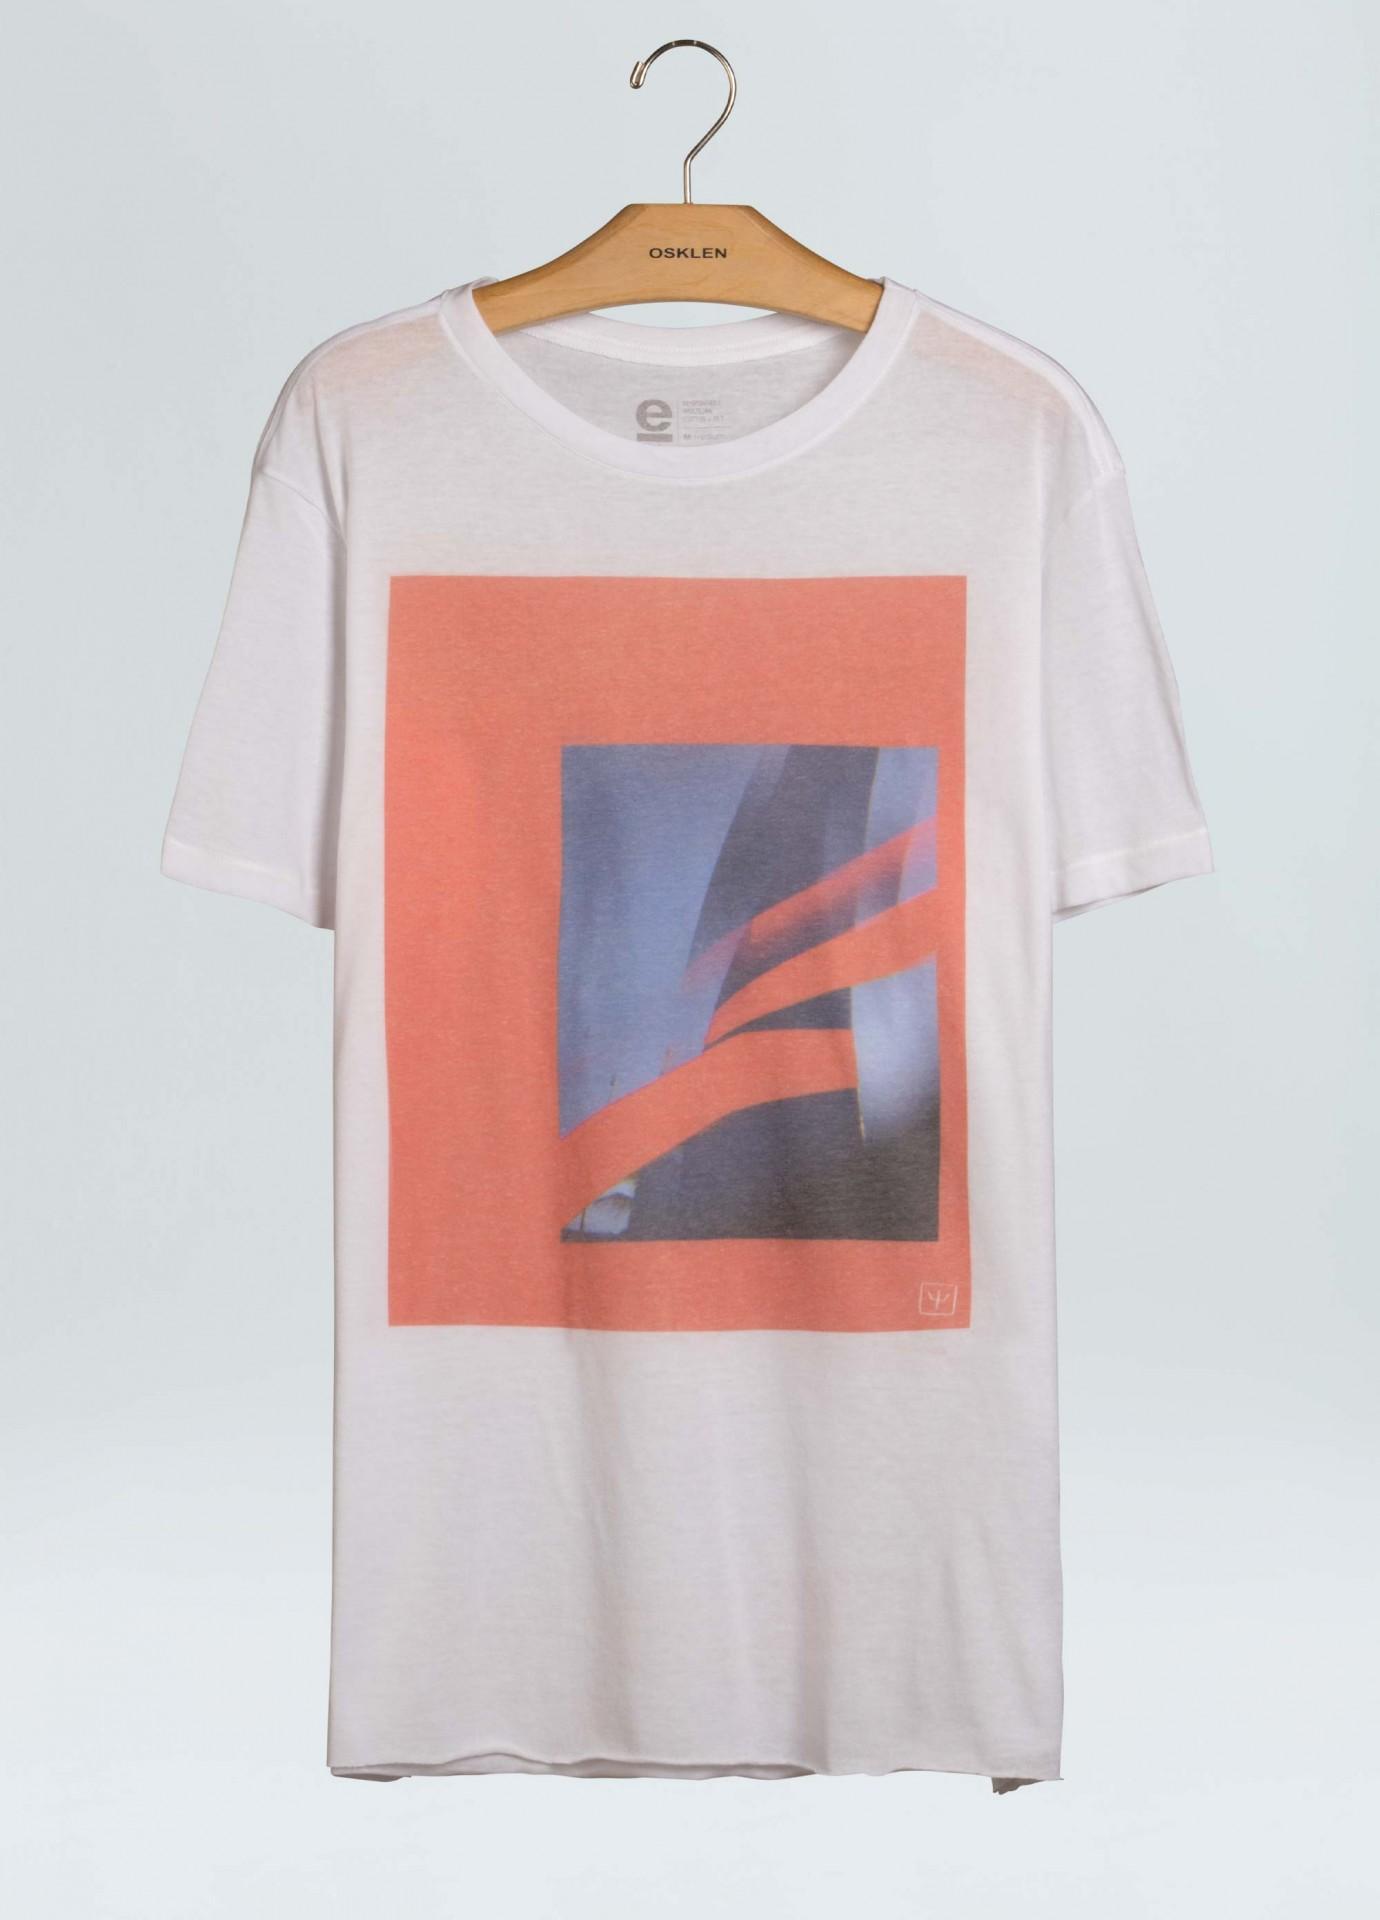 T-shirt Osklen Light Abstract